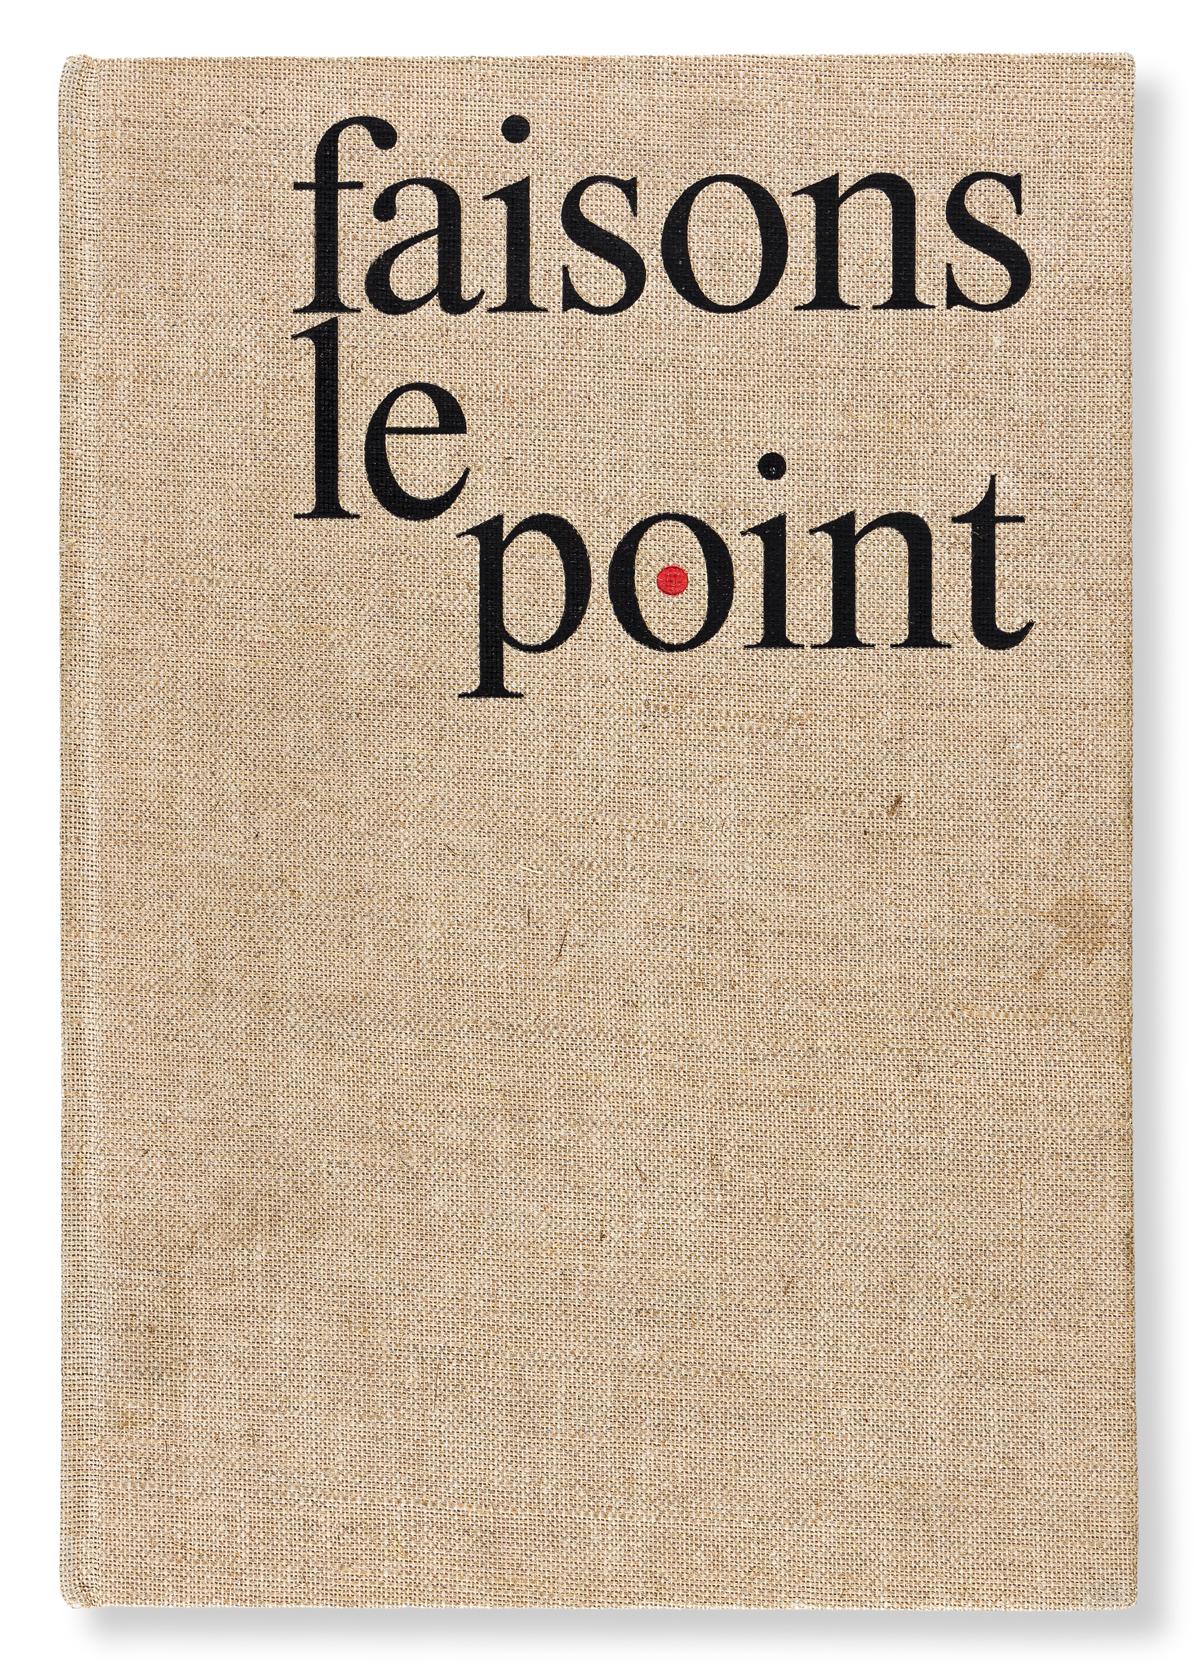 [SPECIMEN BOOK — MAXIMILIEN VOX]. Faisons le Point. From the series Cent Alphabets Monotype. Paris: Draeger Frères for Union Biblioph